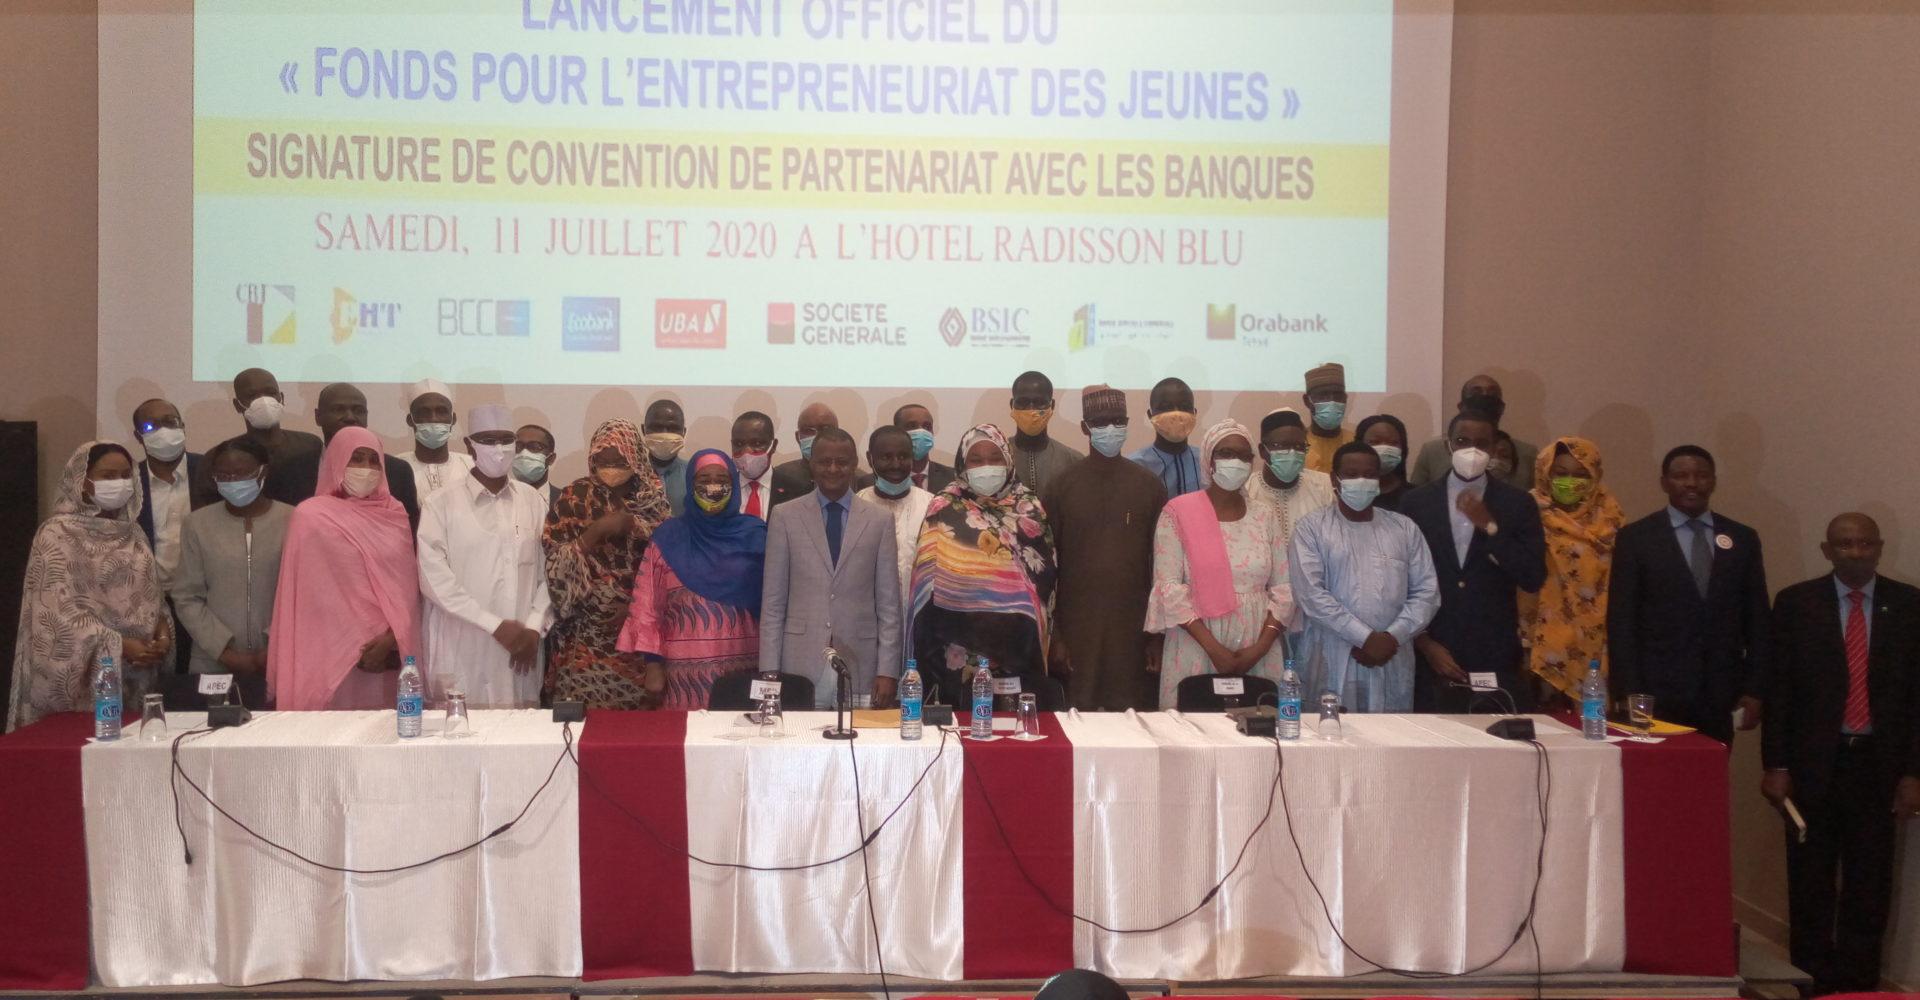 Lancement officiel du fonds pour l'entrepreneuriat des jeunes 1